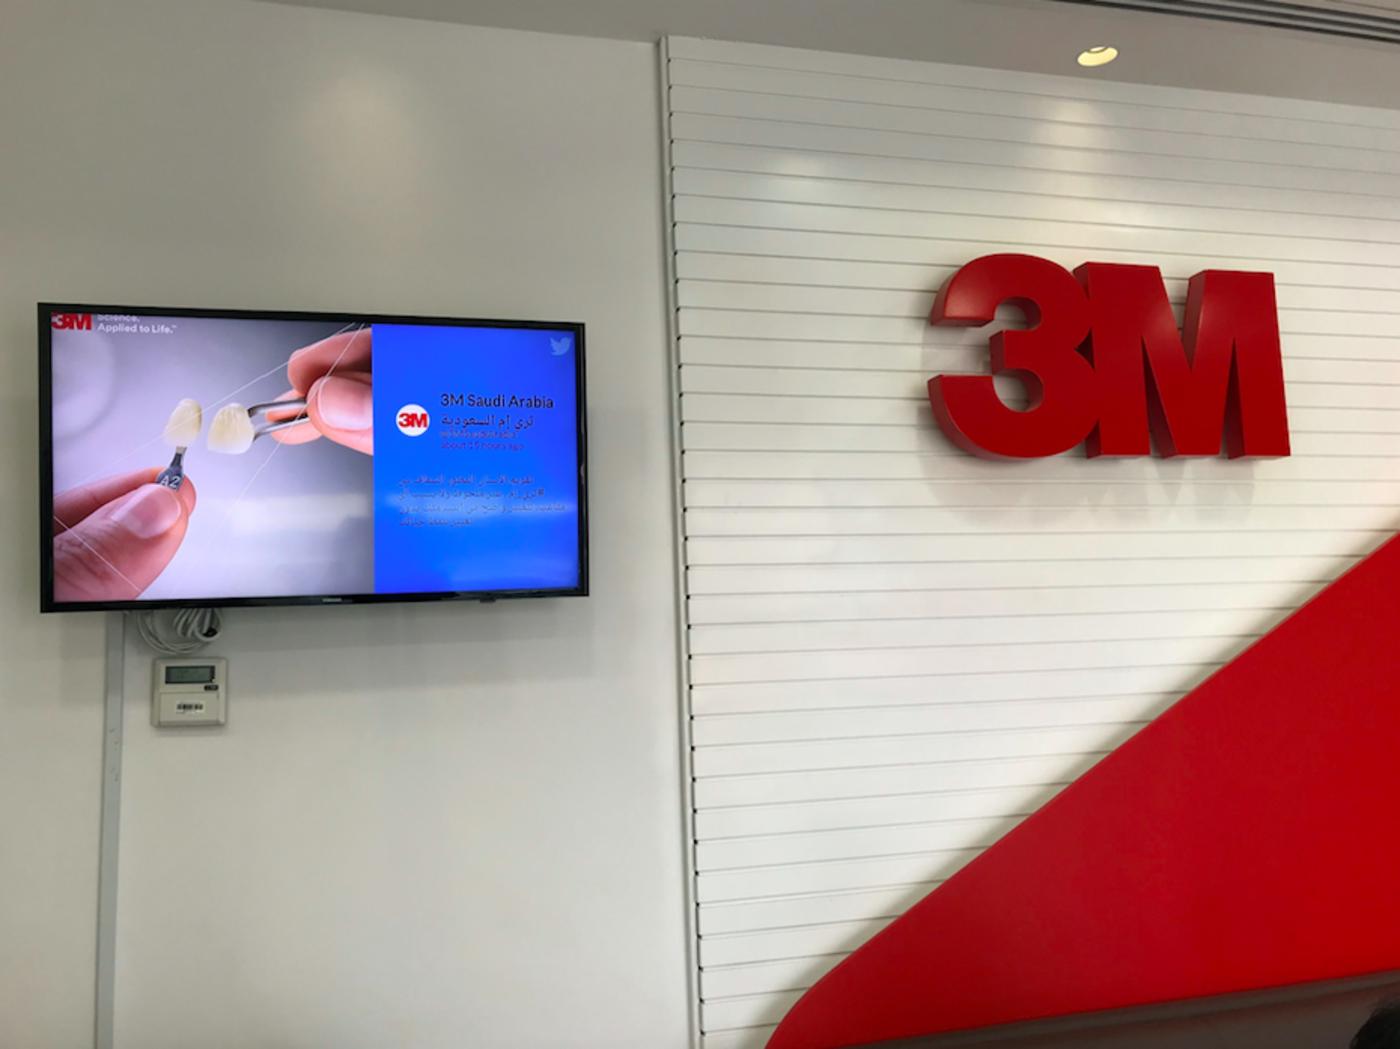 Digital Signage for 3M